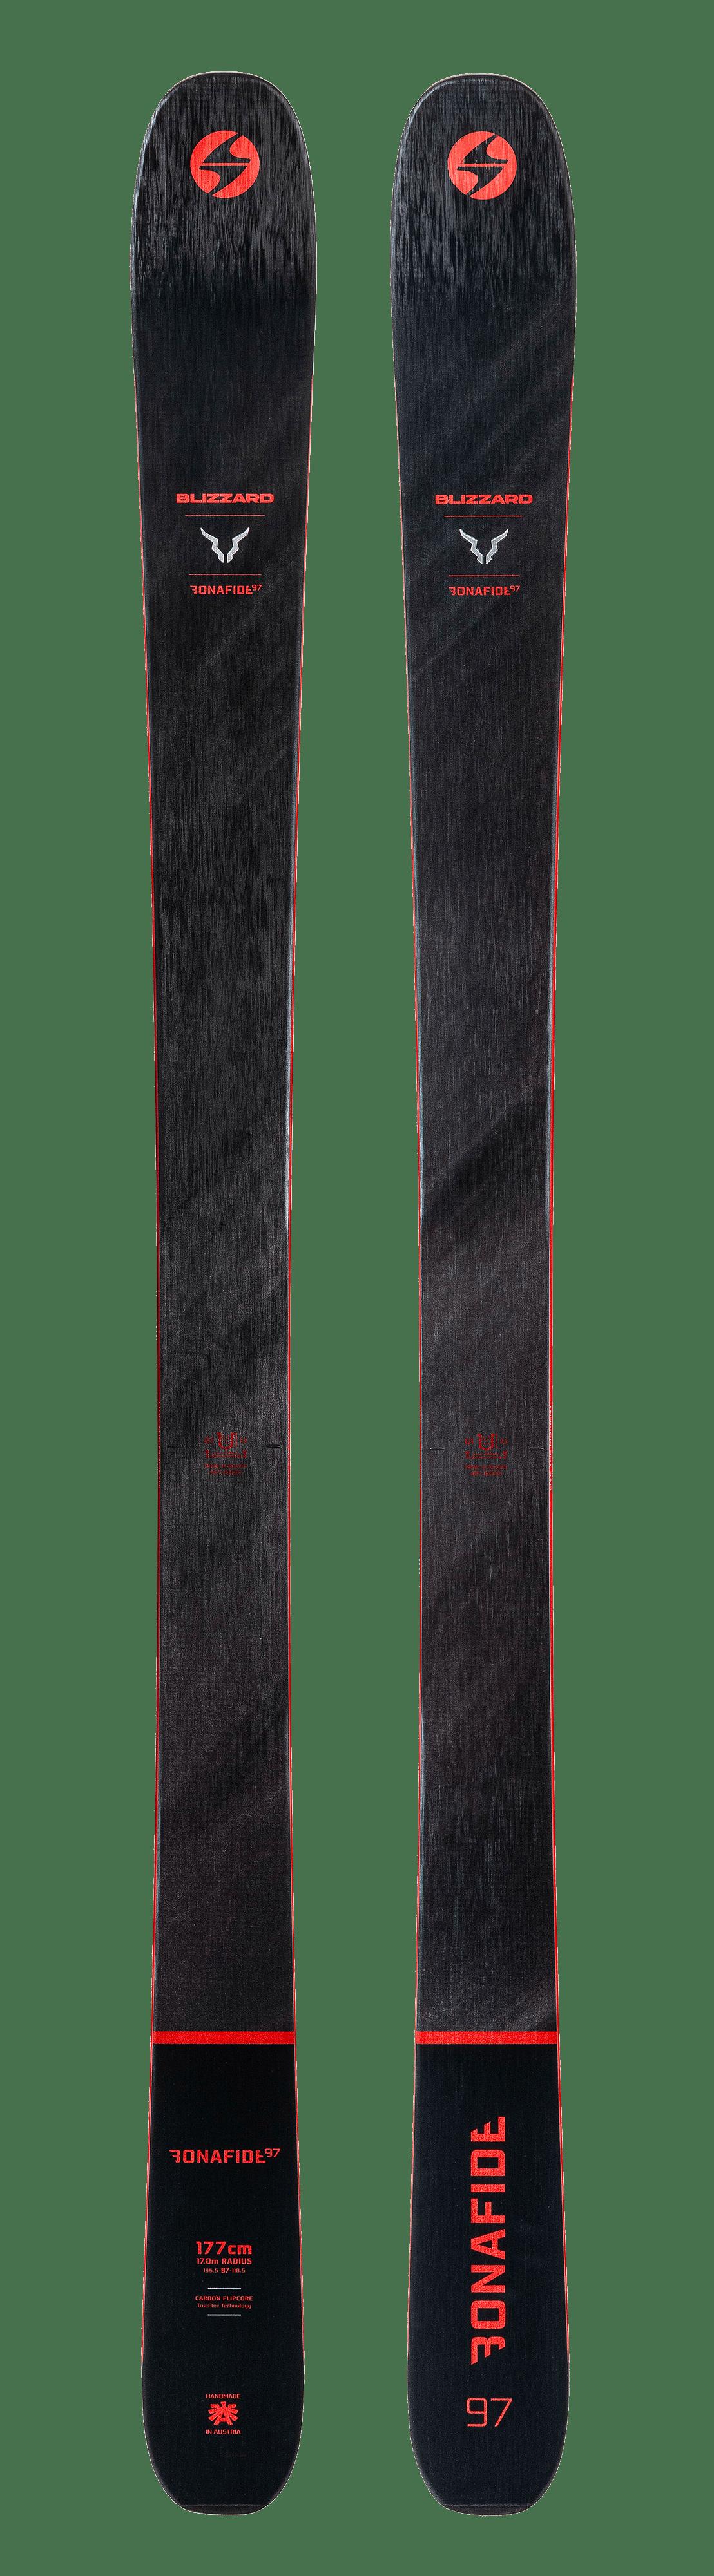 BONAFIDE 97 (FLAT)